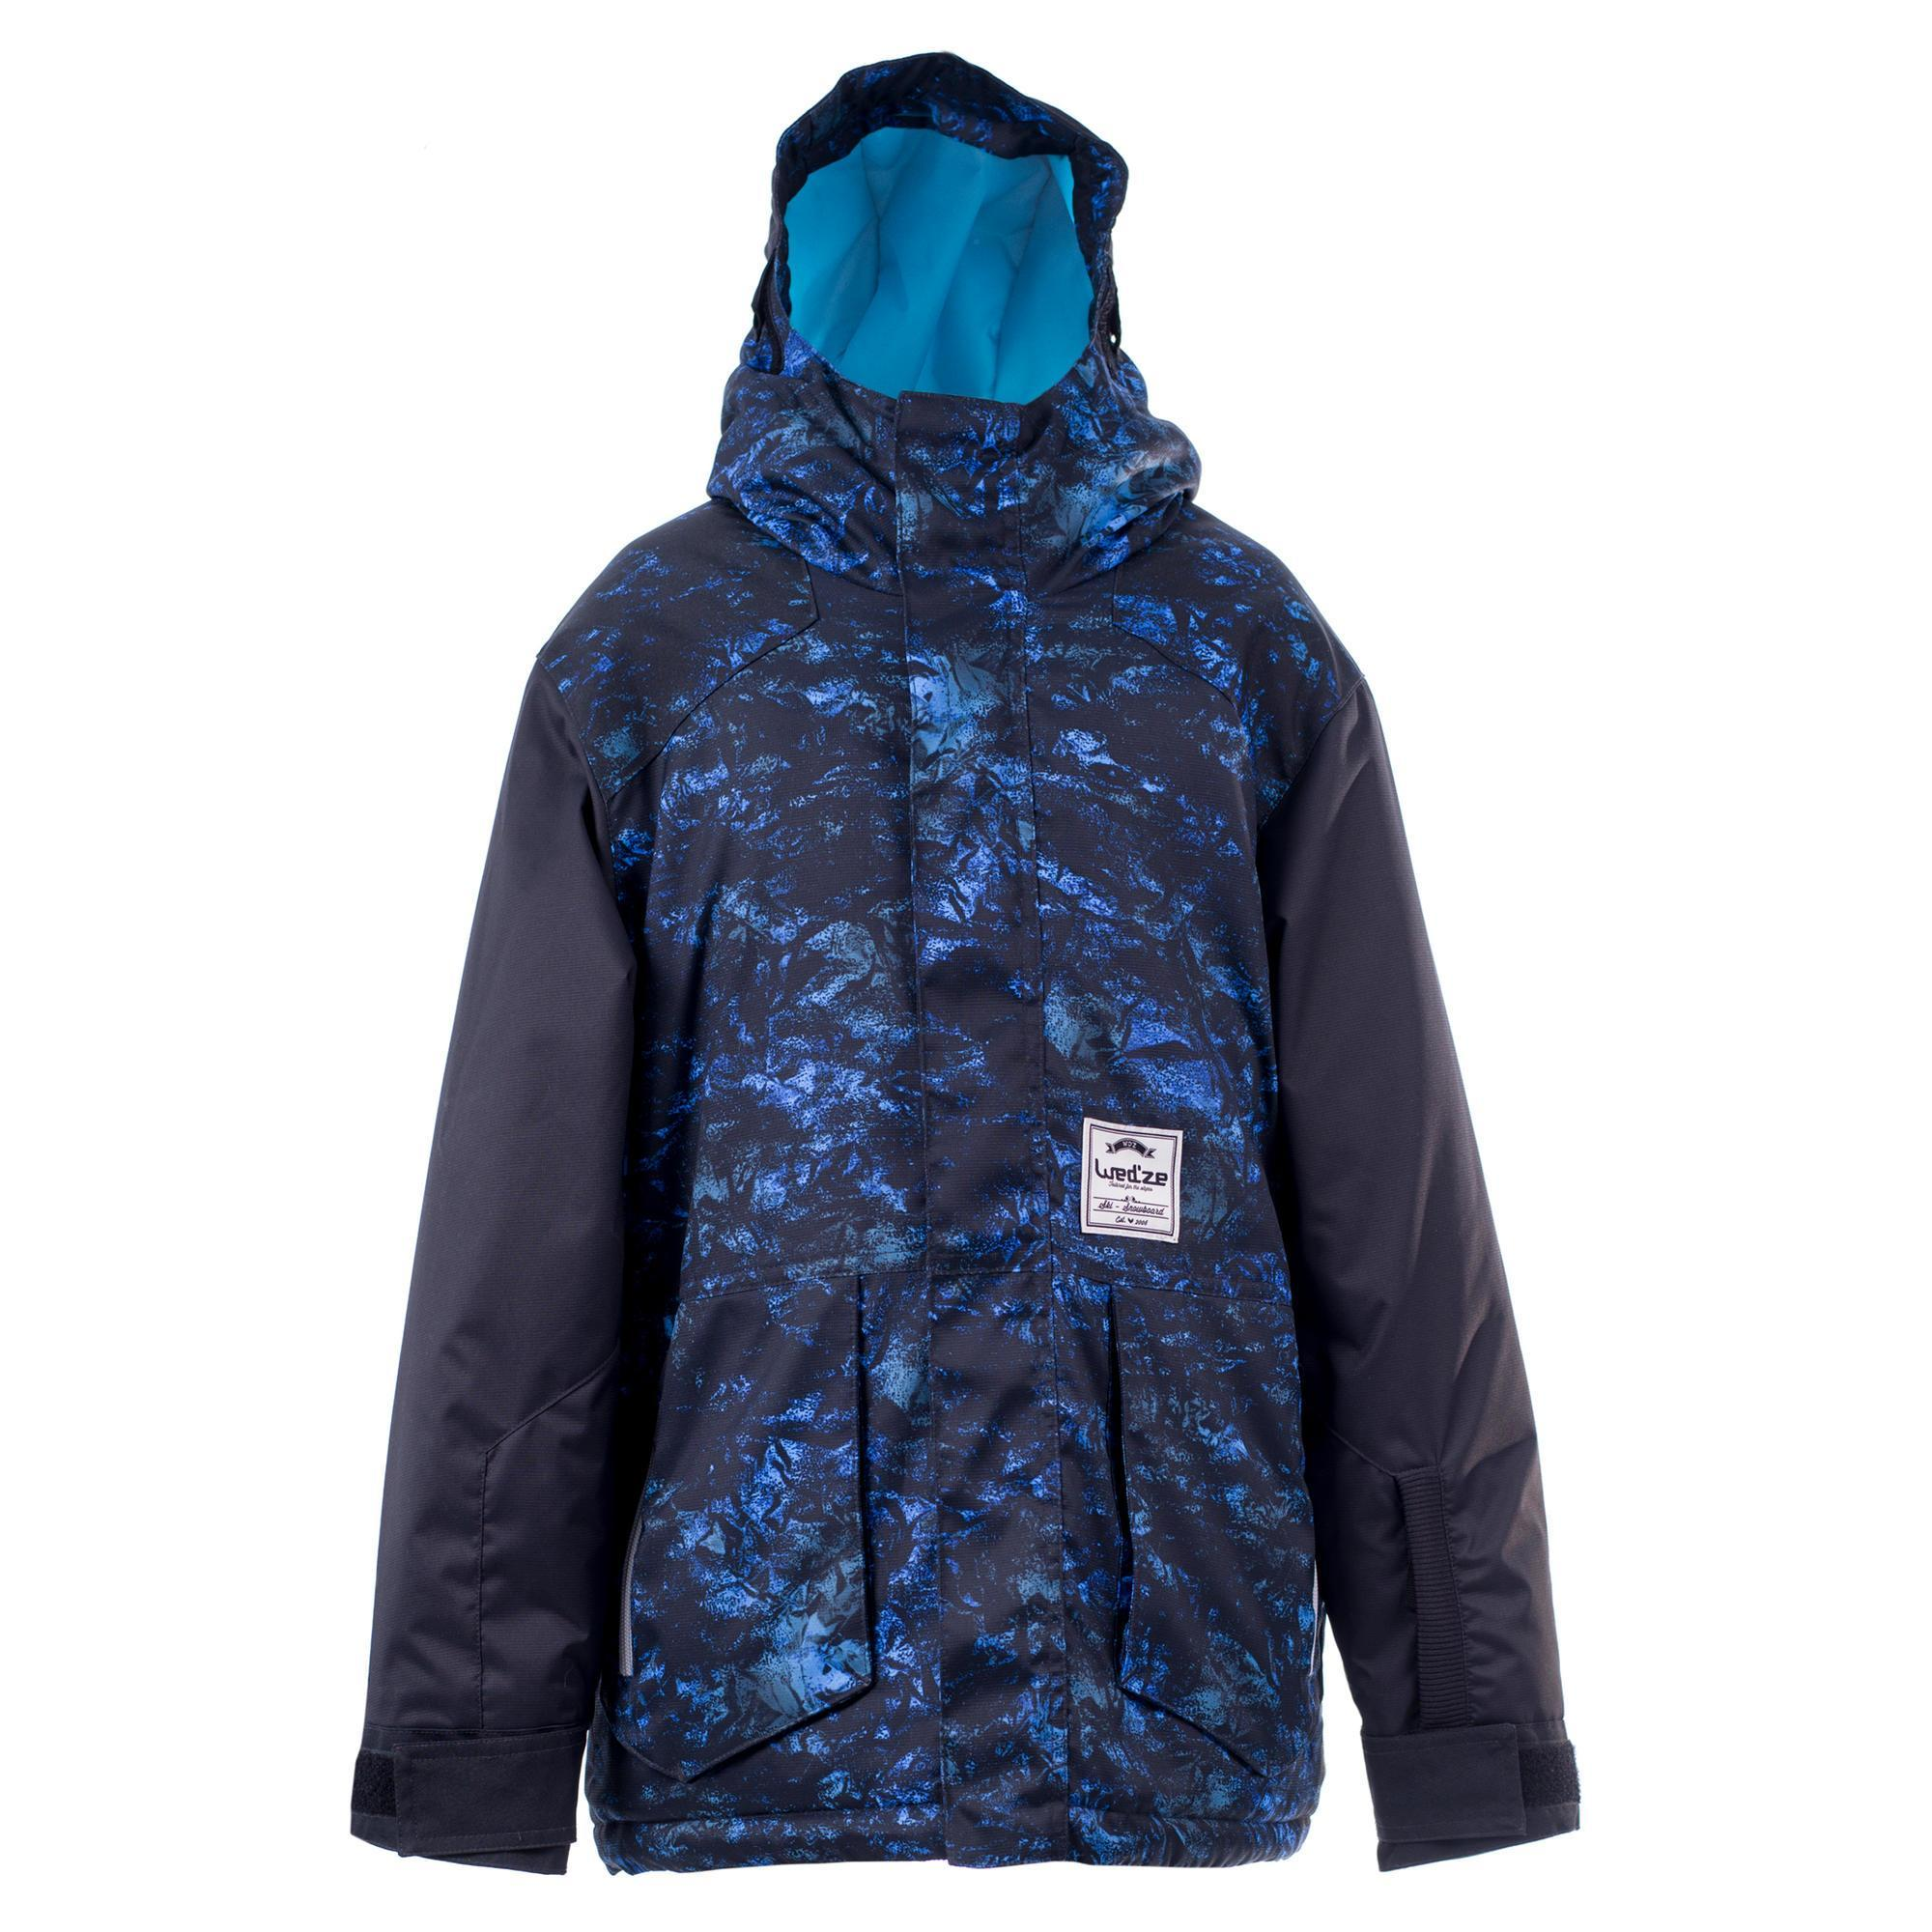 Jungen,  Kinder,  Kinder Wed´ze Snowboardjacke Skijacke 500 Kinder Jungen dunkelblau | 03608449855921